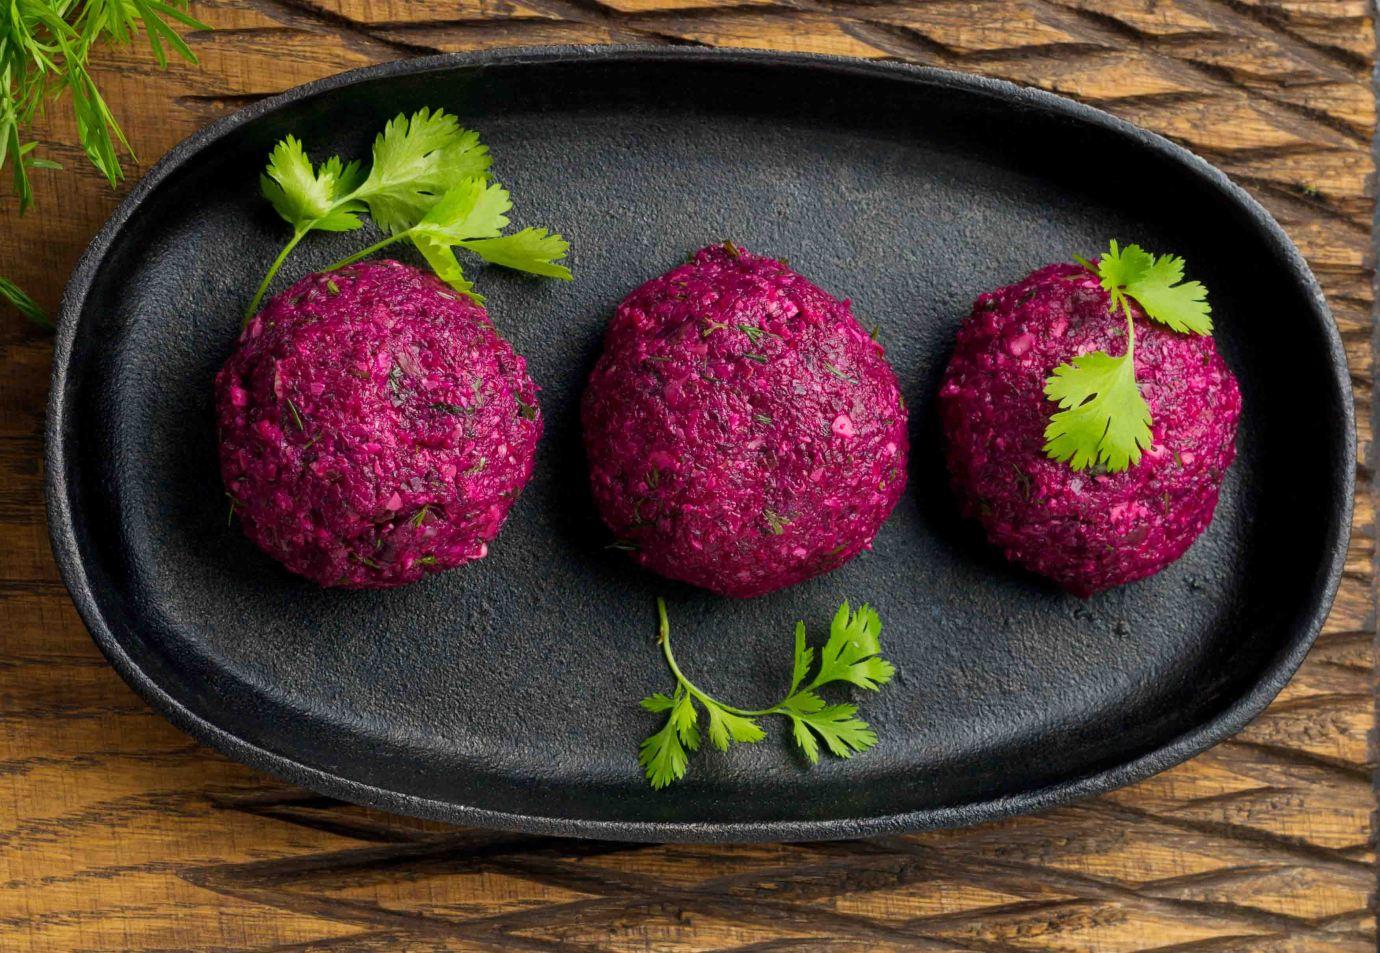 Beet balls